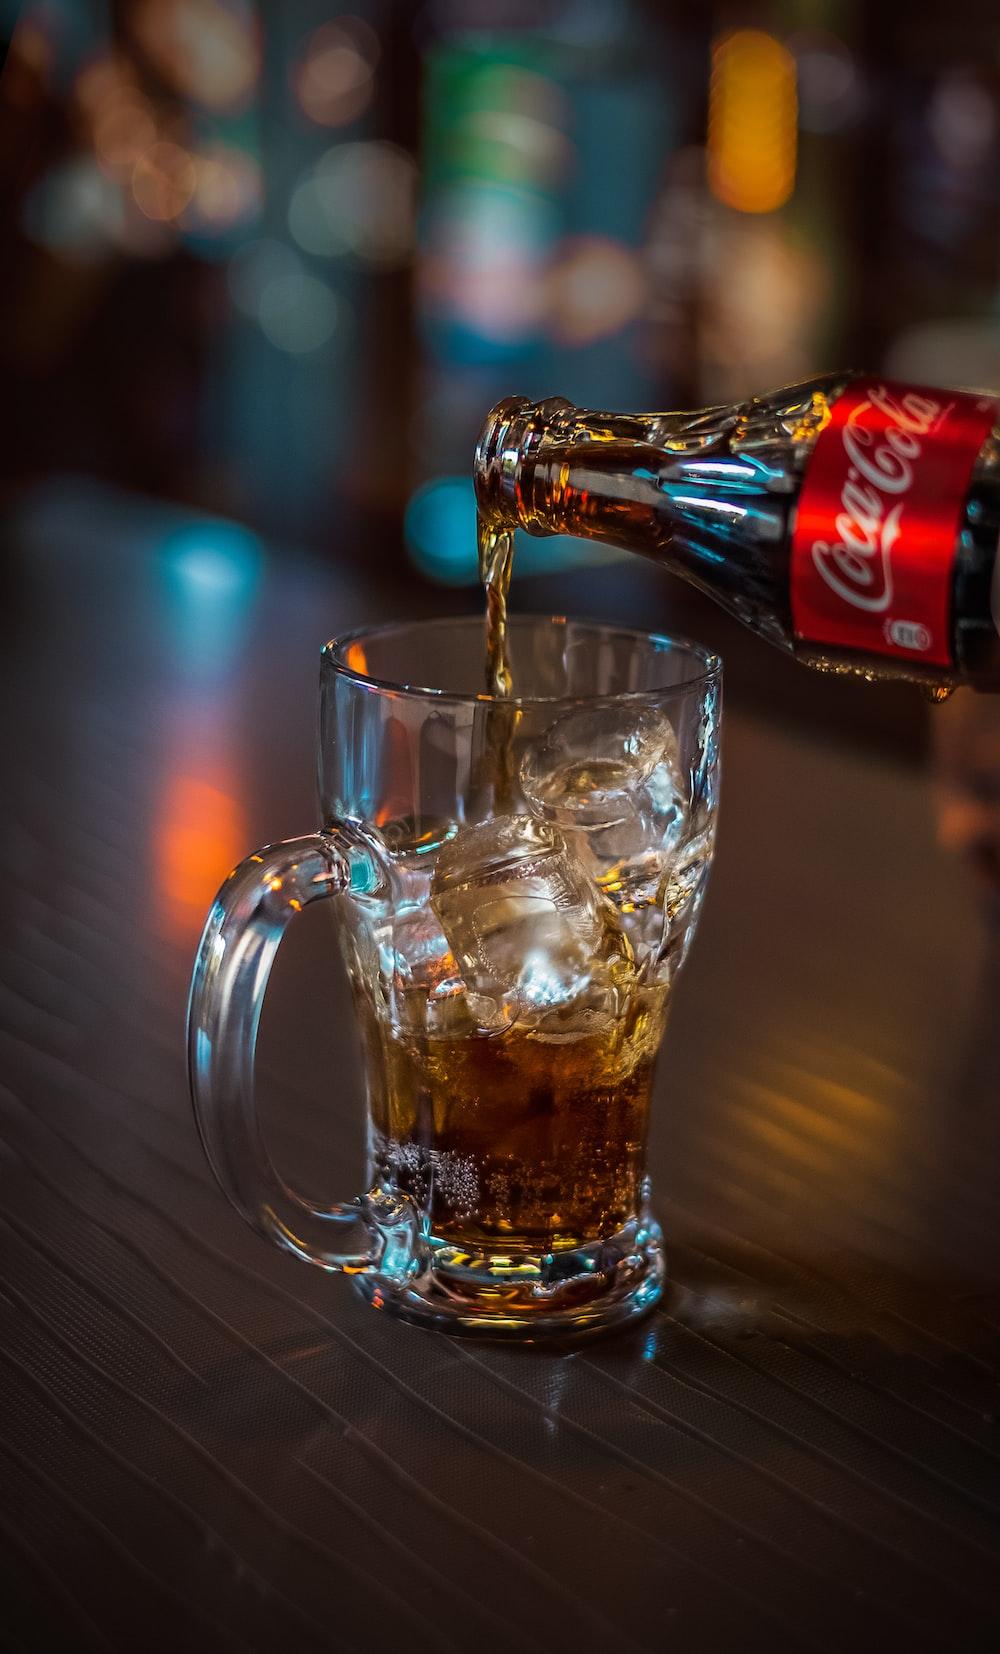 Coca-Cola soda pouring onto clear glass mug